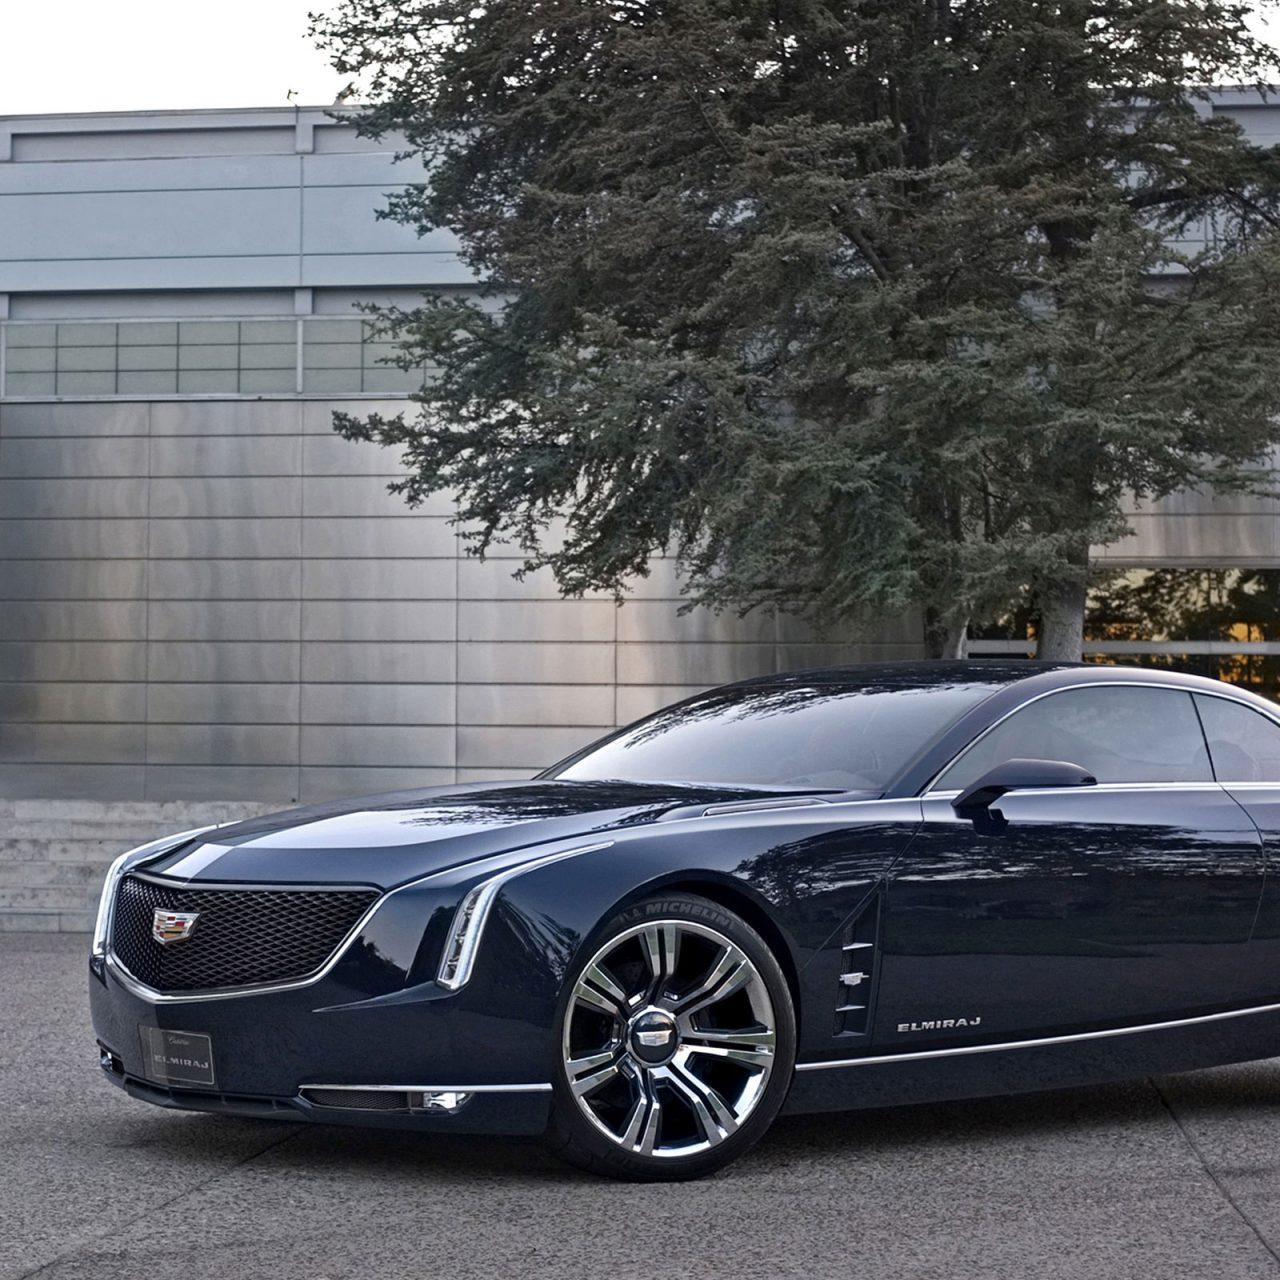 Cadillac Elmiraj Concept 2013 (Dark Blue) HD Wallpaper